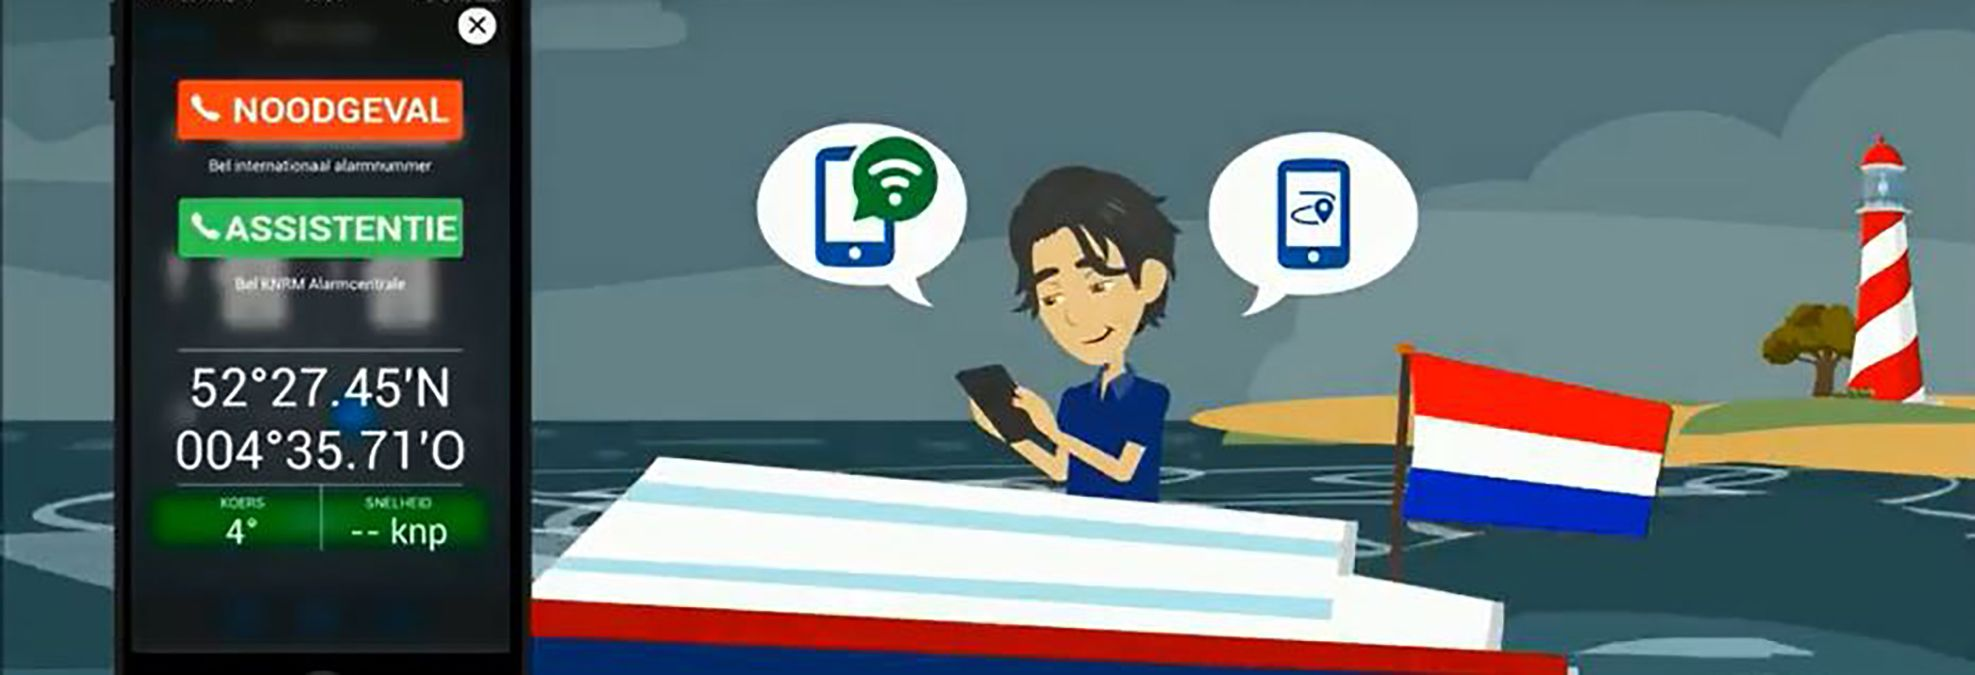 Hoe werkt de KNRM helpt app